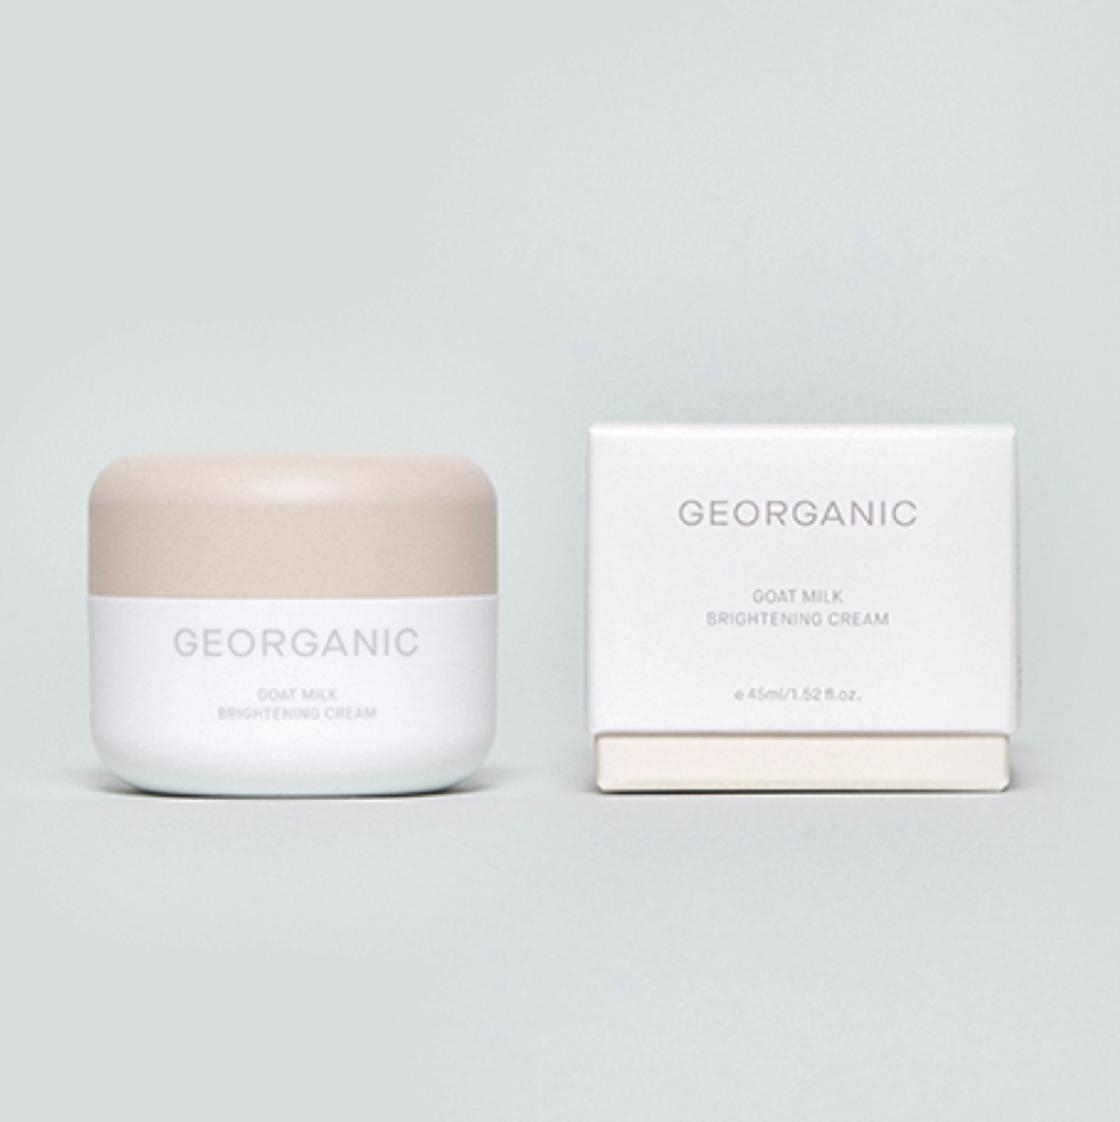 georganic-goat-milk-cream-avis